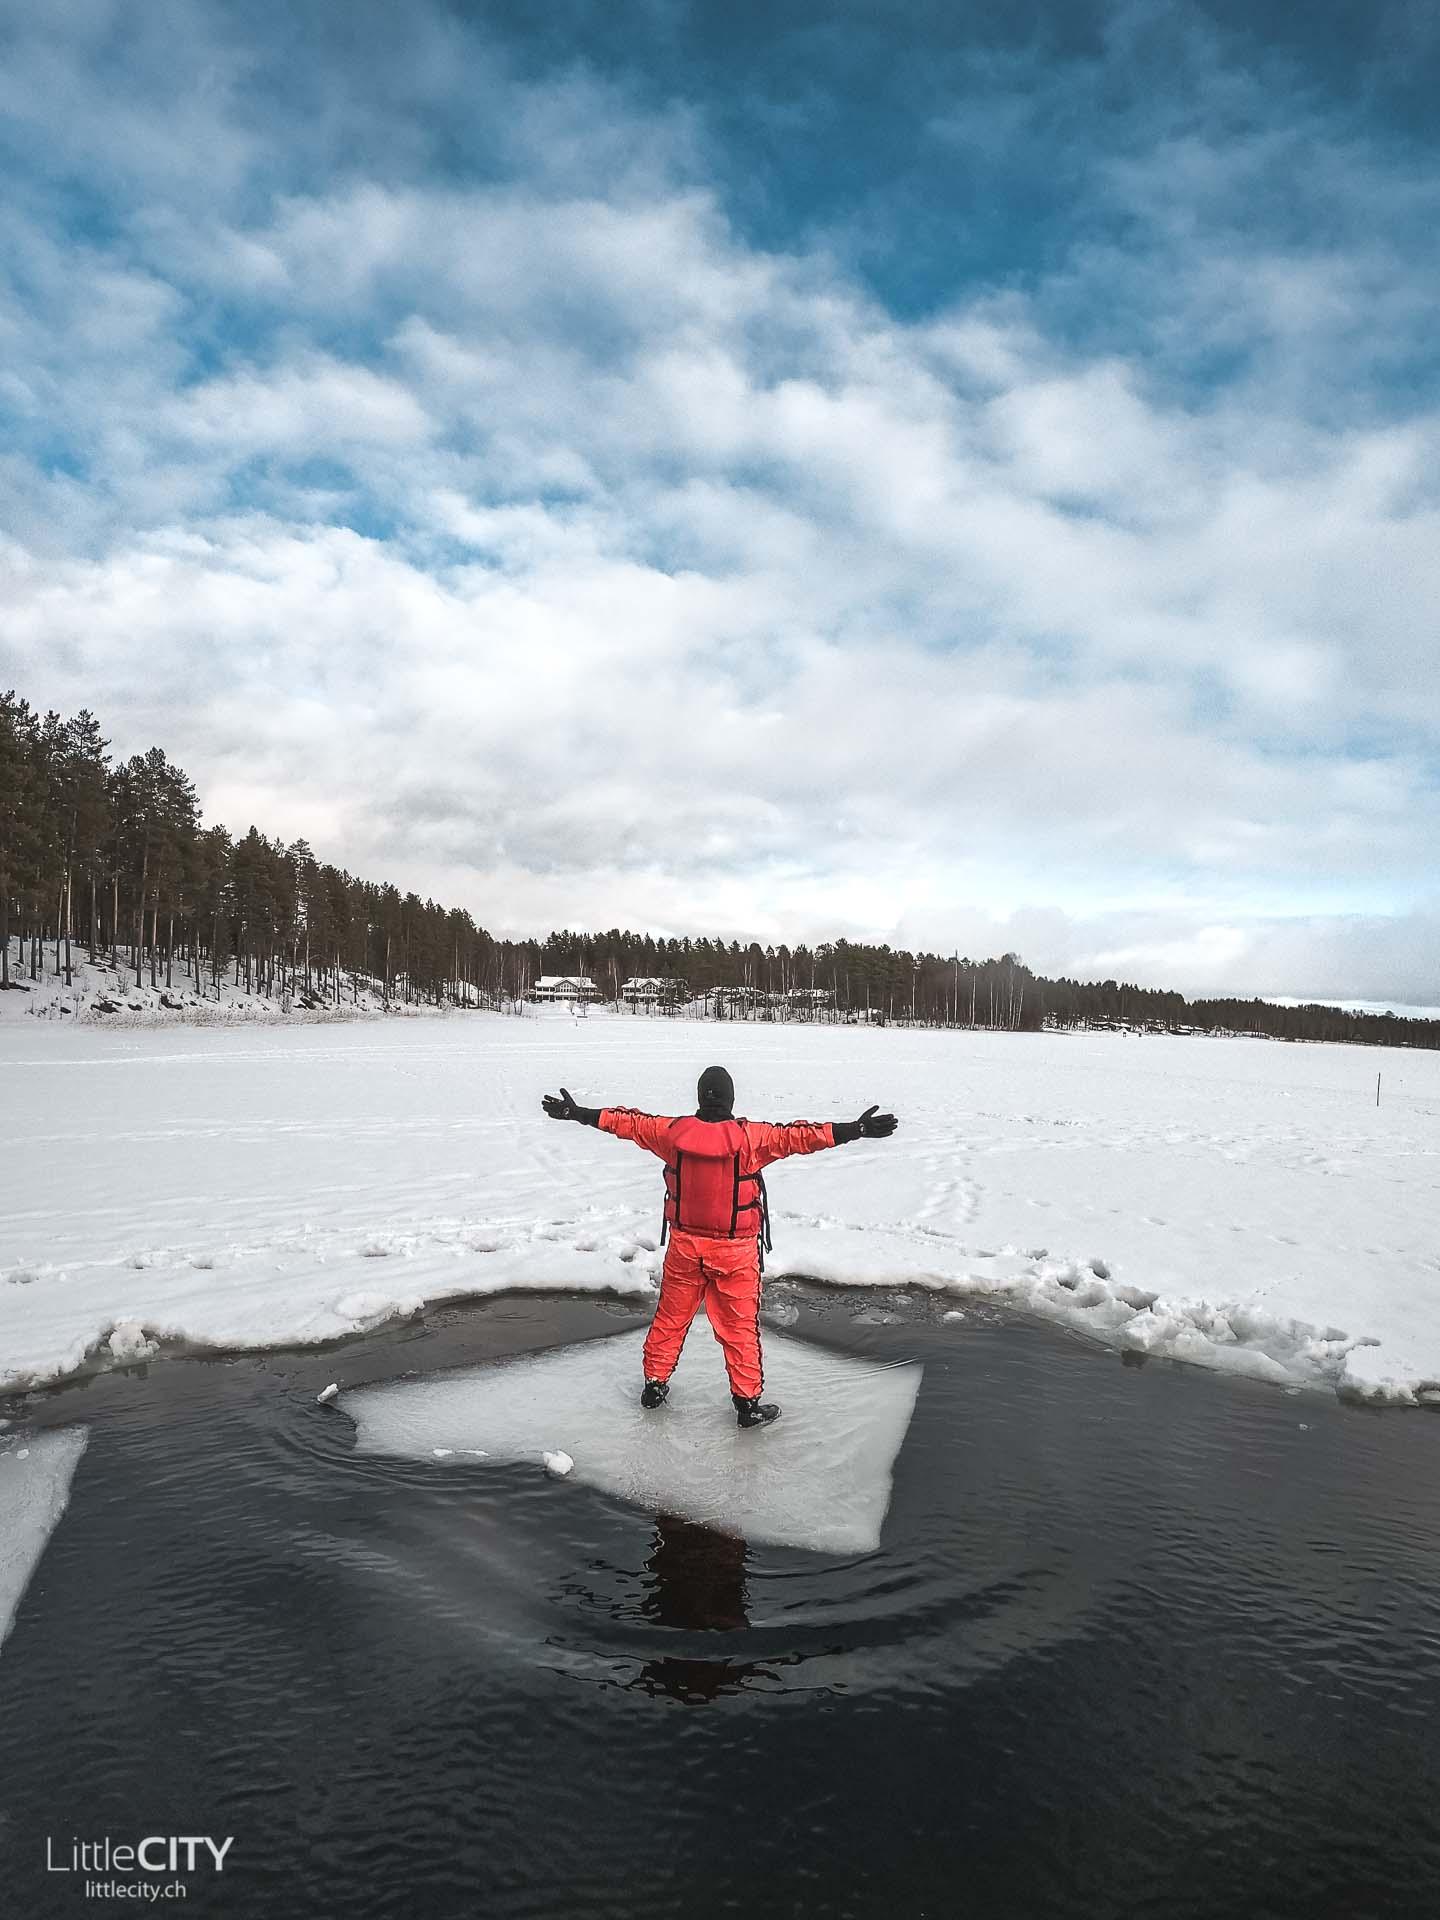 Finnland Eisbaden Vuokatti